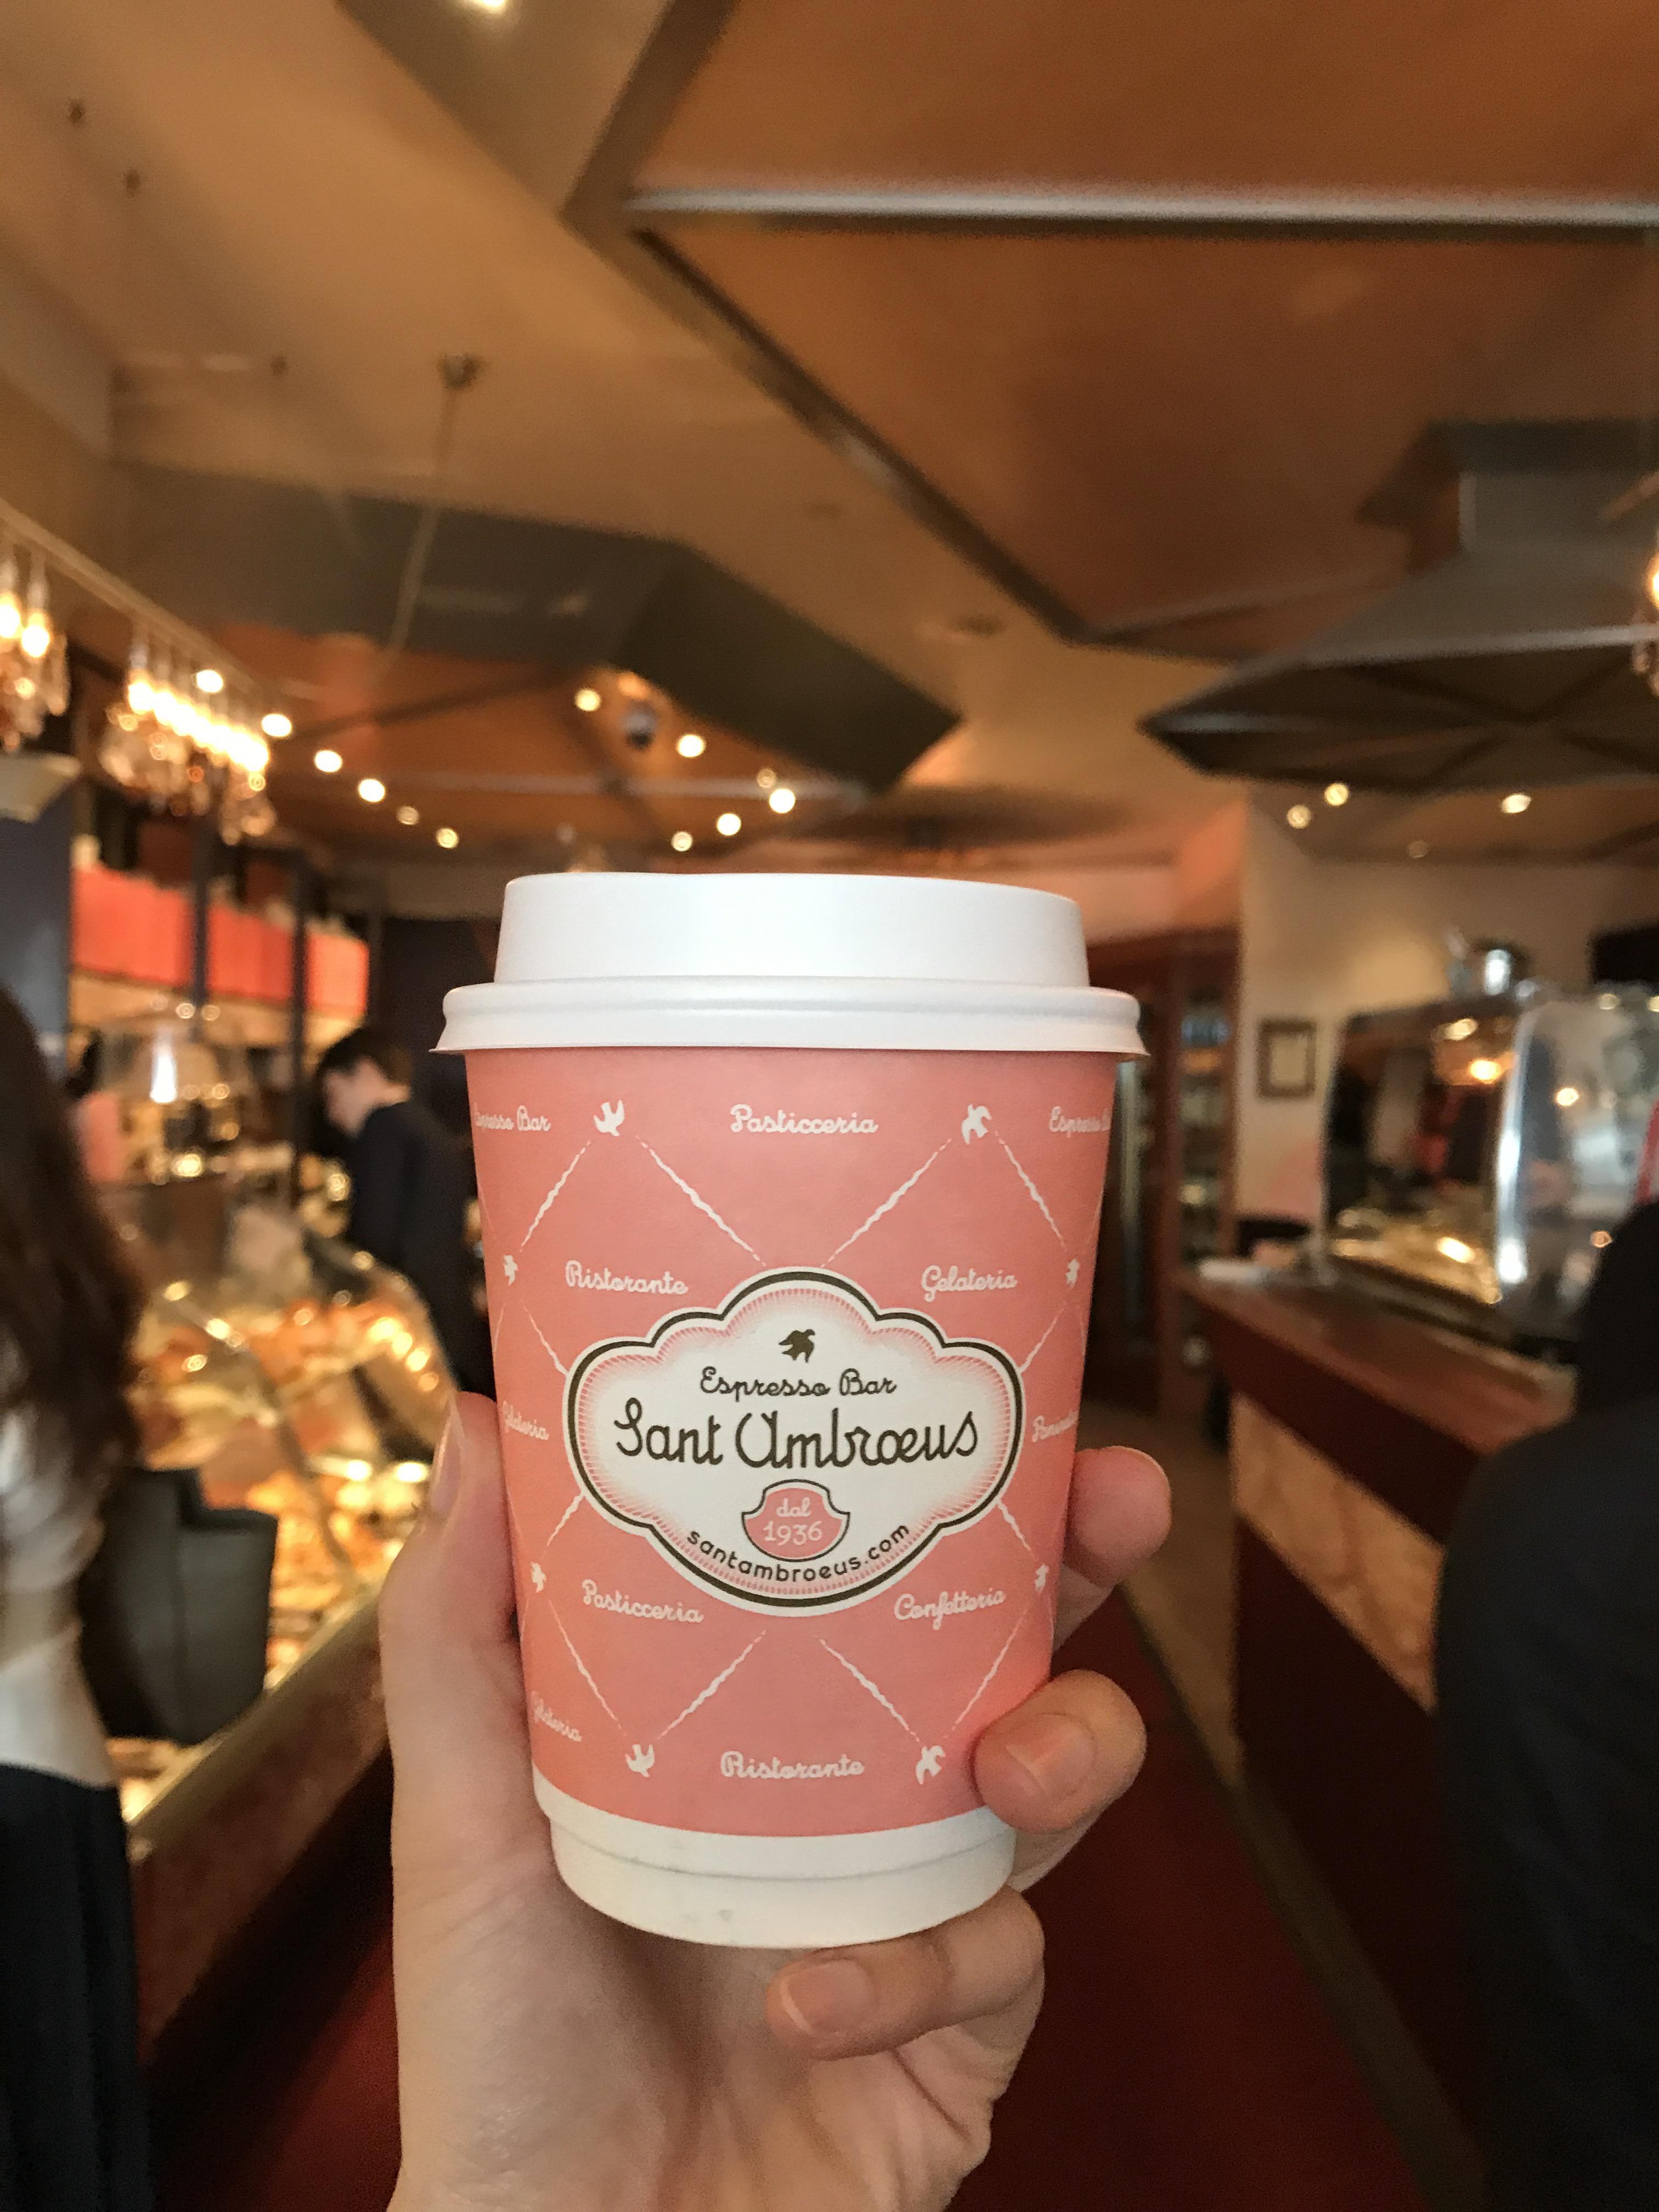 sant-ambroeus-cappuccino